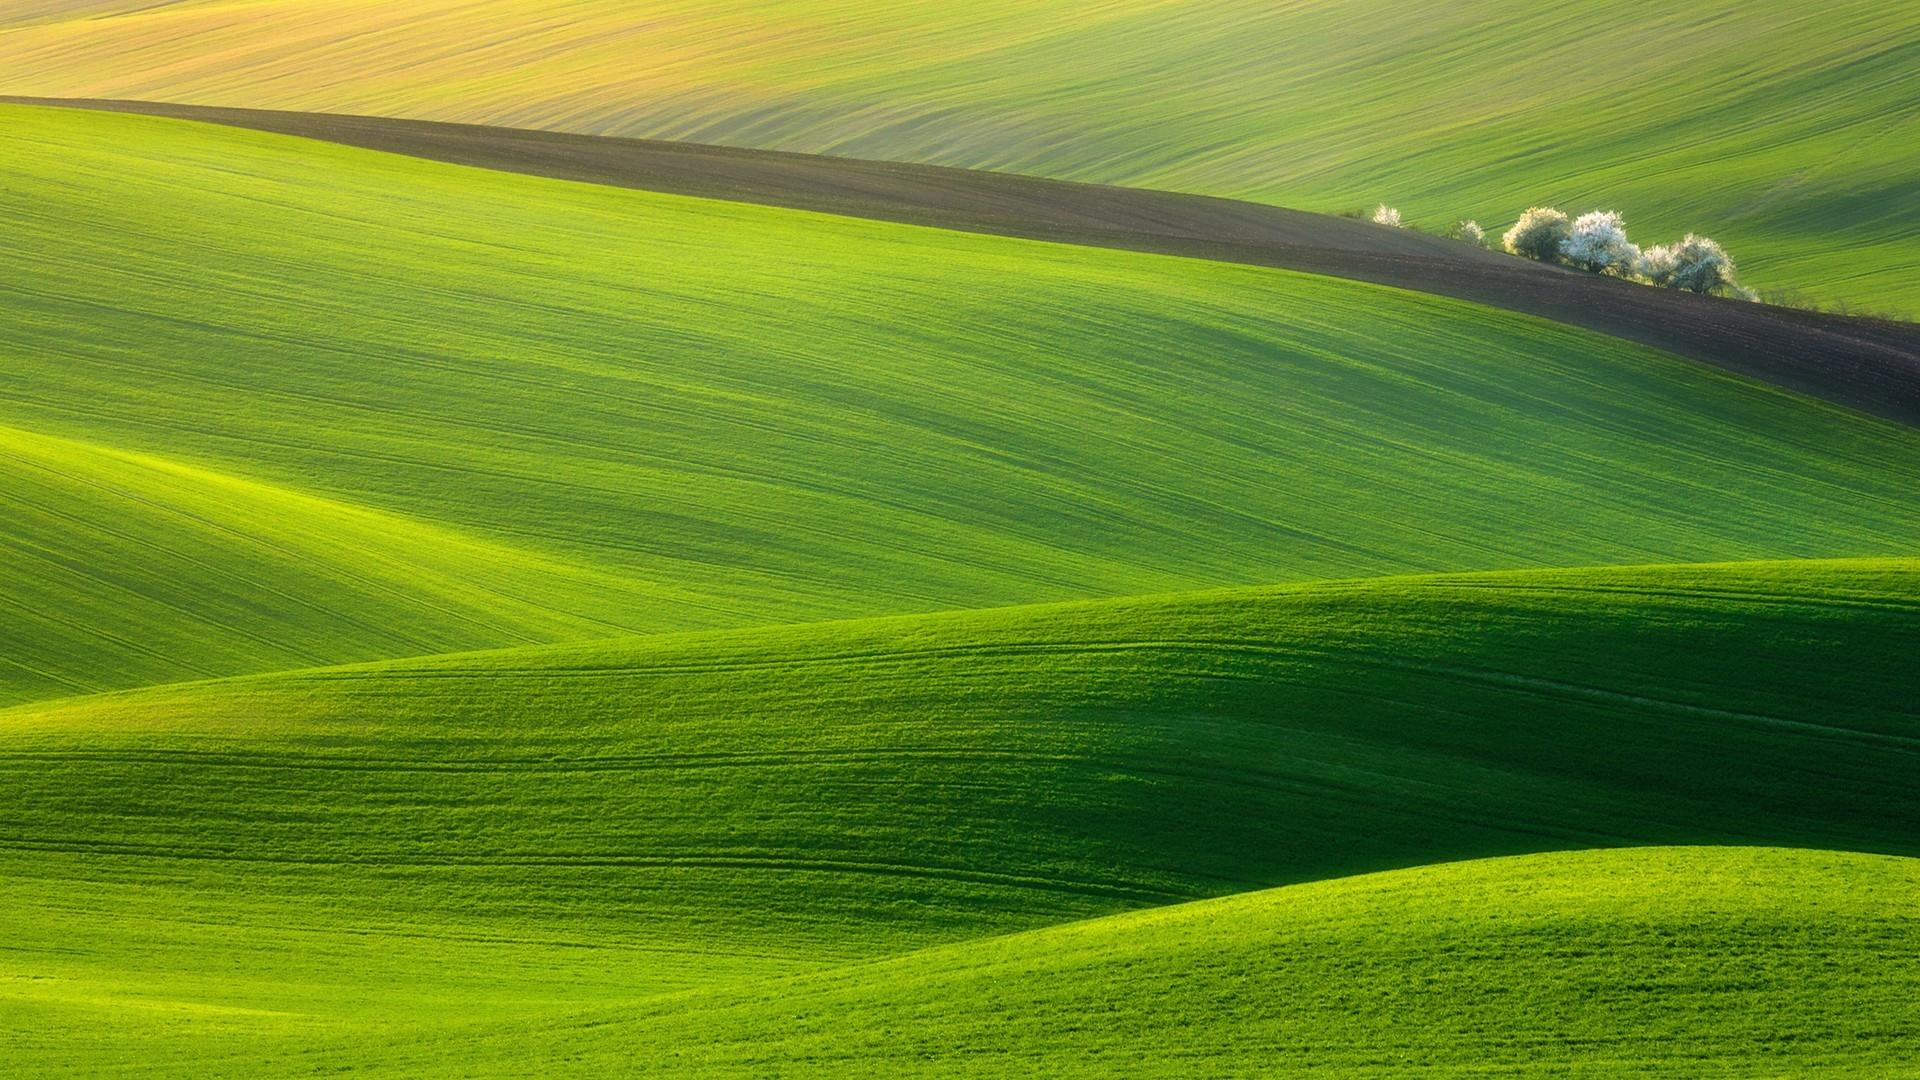 Wallpaper Field Grass Sky Green 1920x1080 1026100 Hd